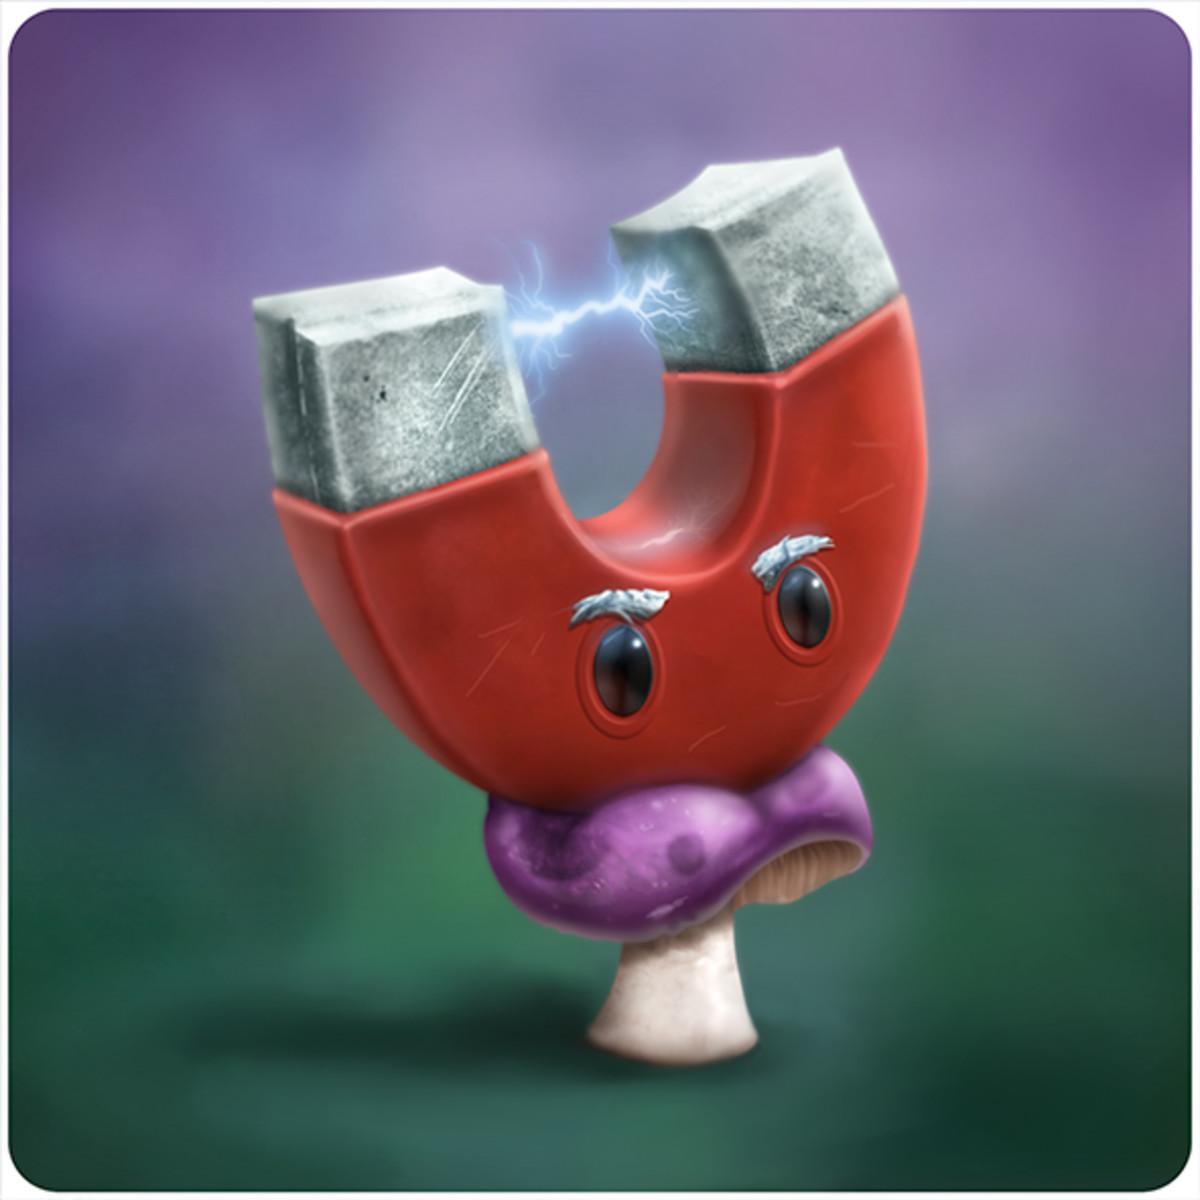 Magnet-shroom